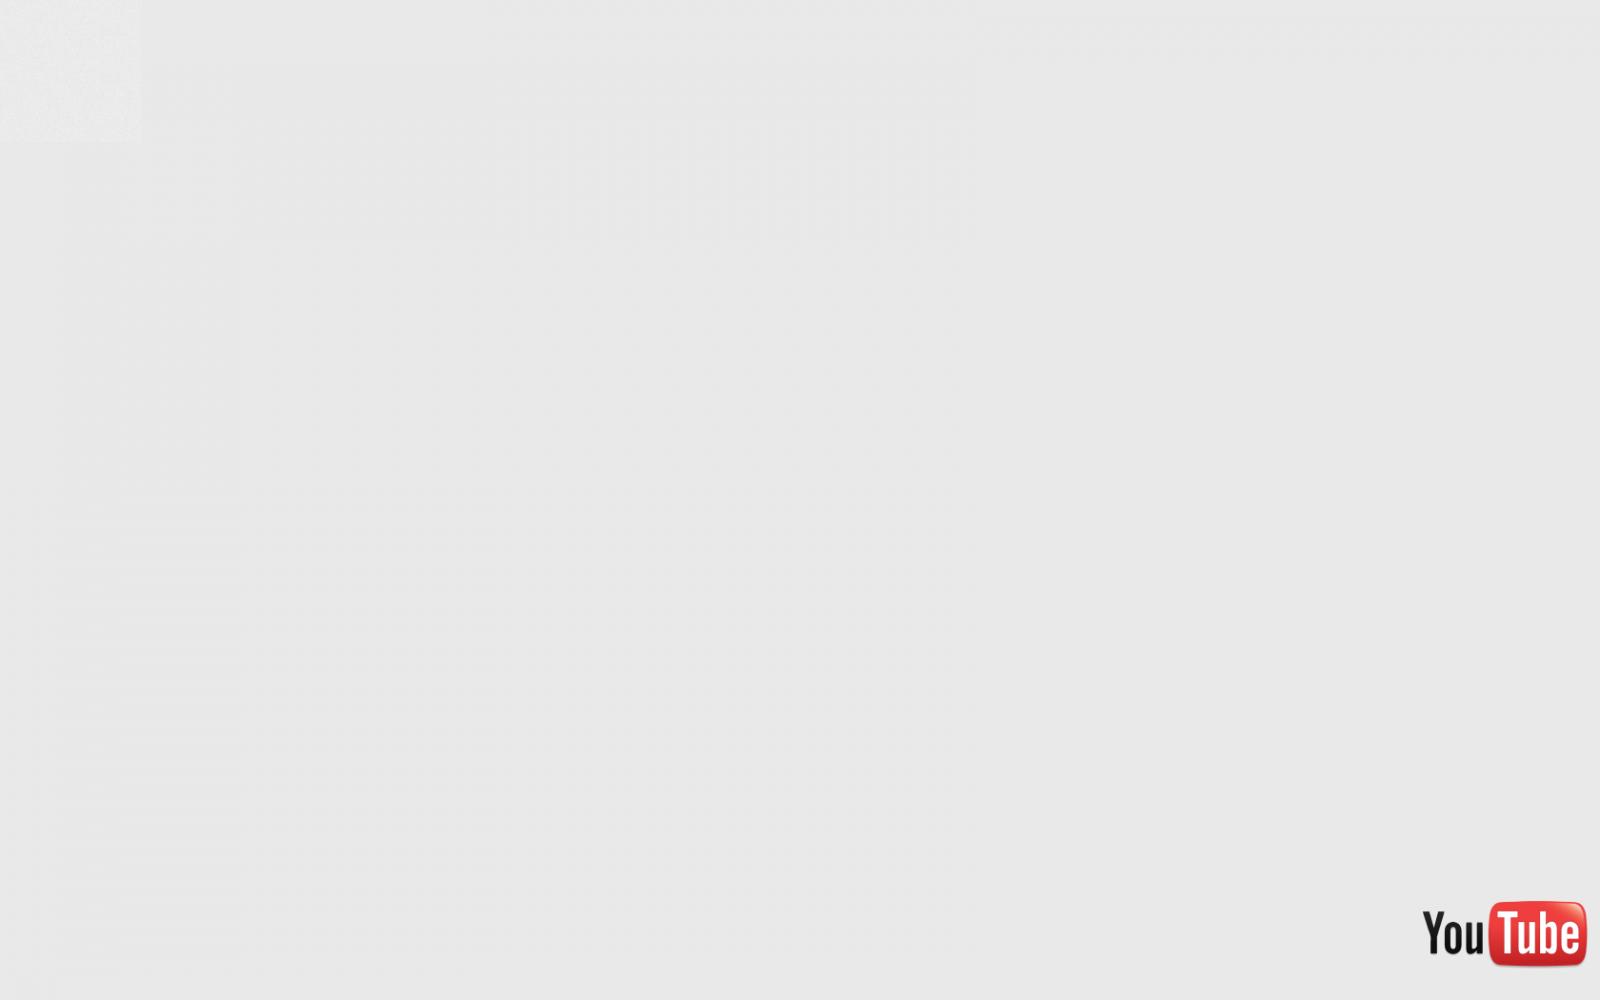 デスクトップ壁紙 テキスト Youtube ブランド ソーシャル